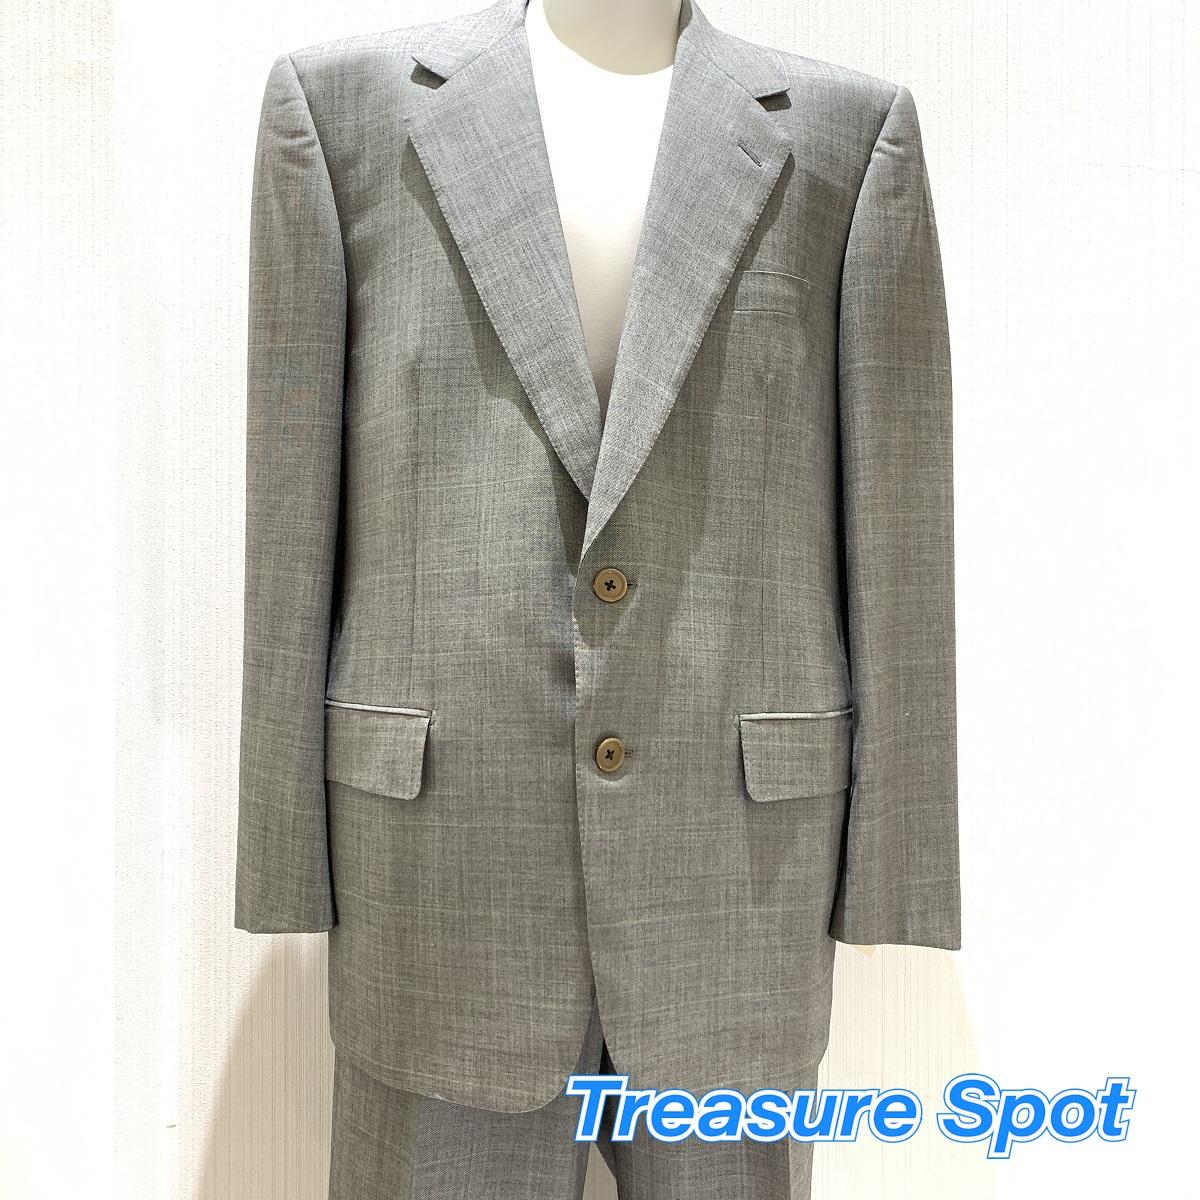 ベルベスト Belvest スーツ グレー ウール ジャケット パンツ #50 6C 新品同様品 【トレジャースポット】【中古】